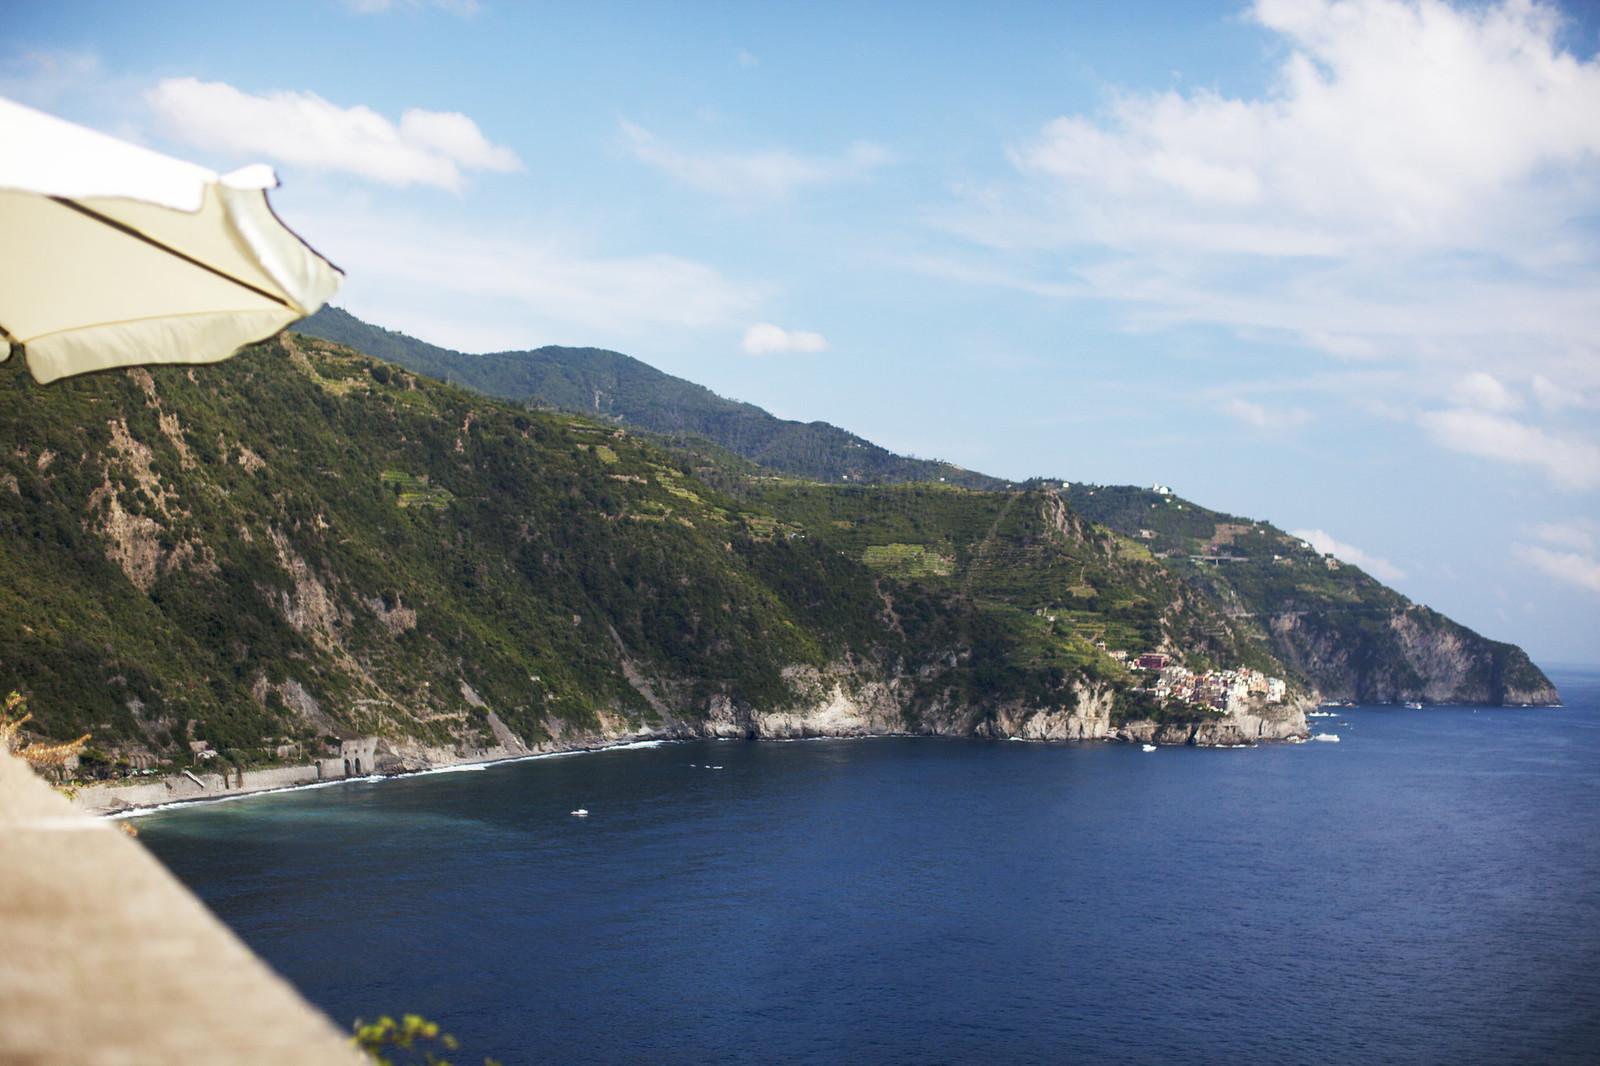 view for Corneglia, Cinque Terre, Italy